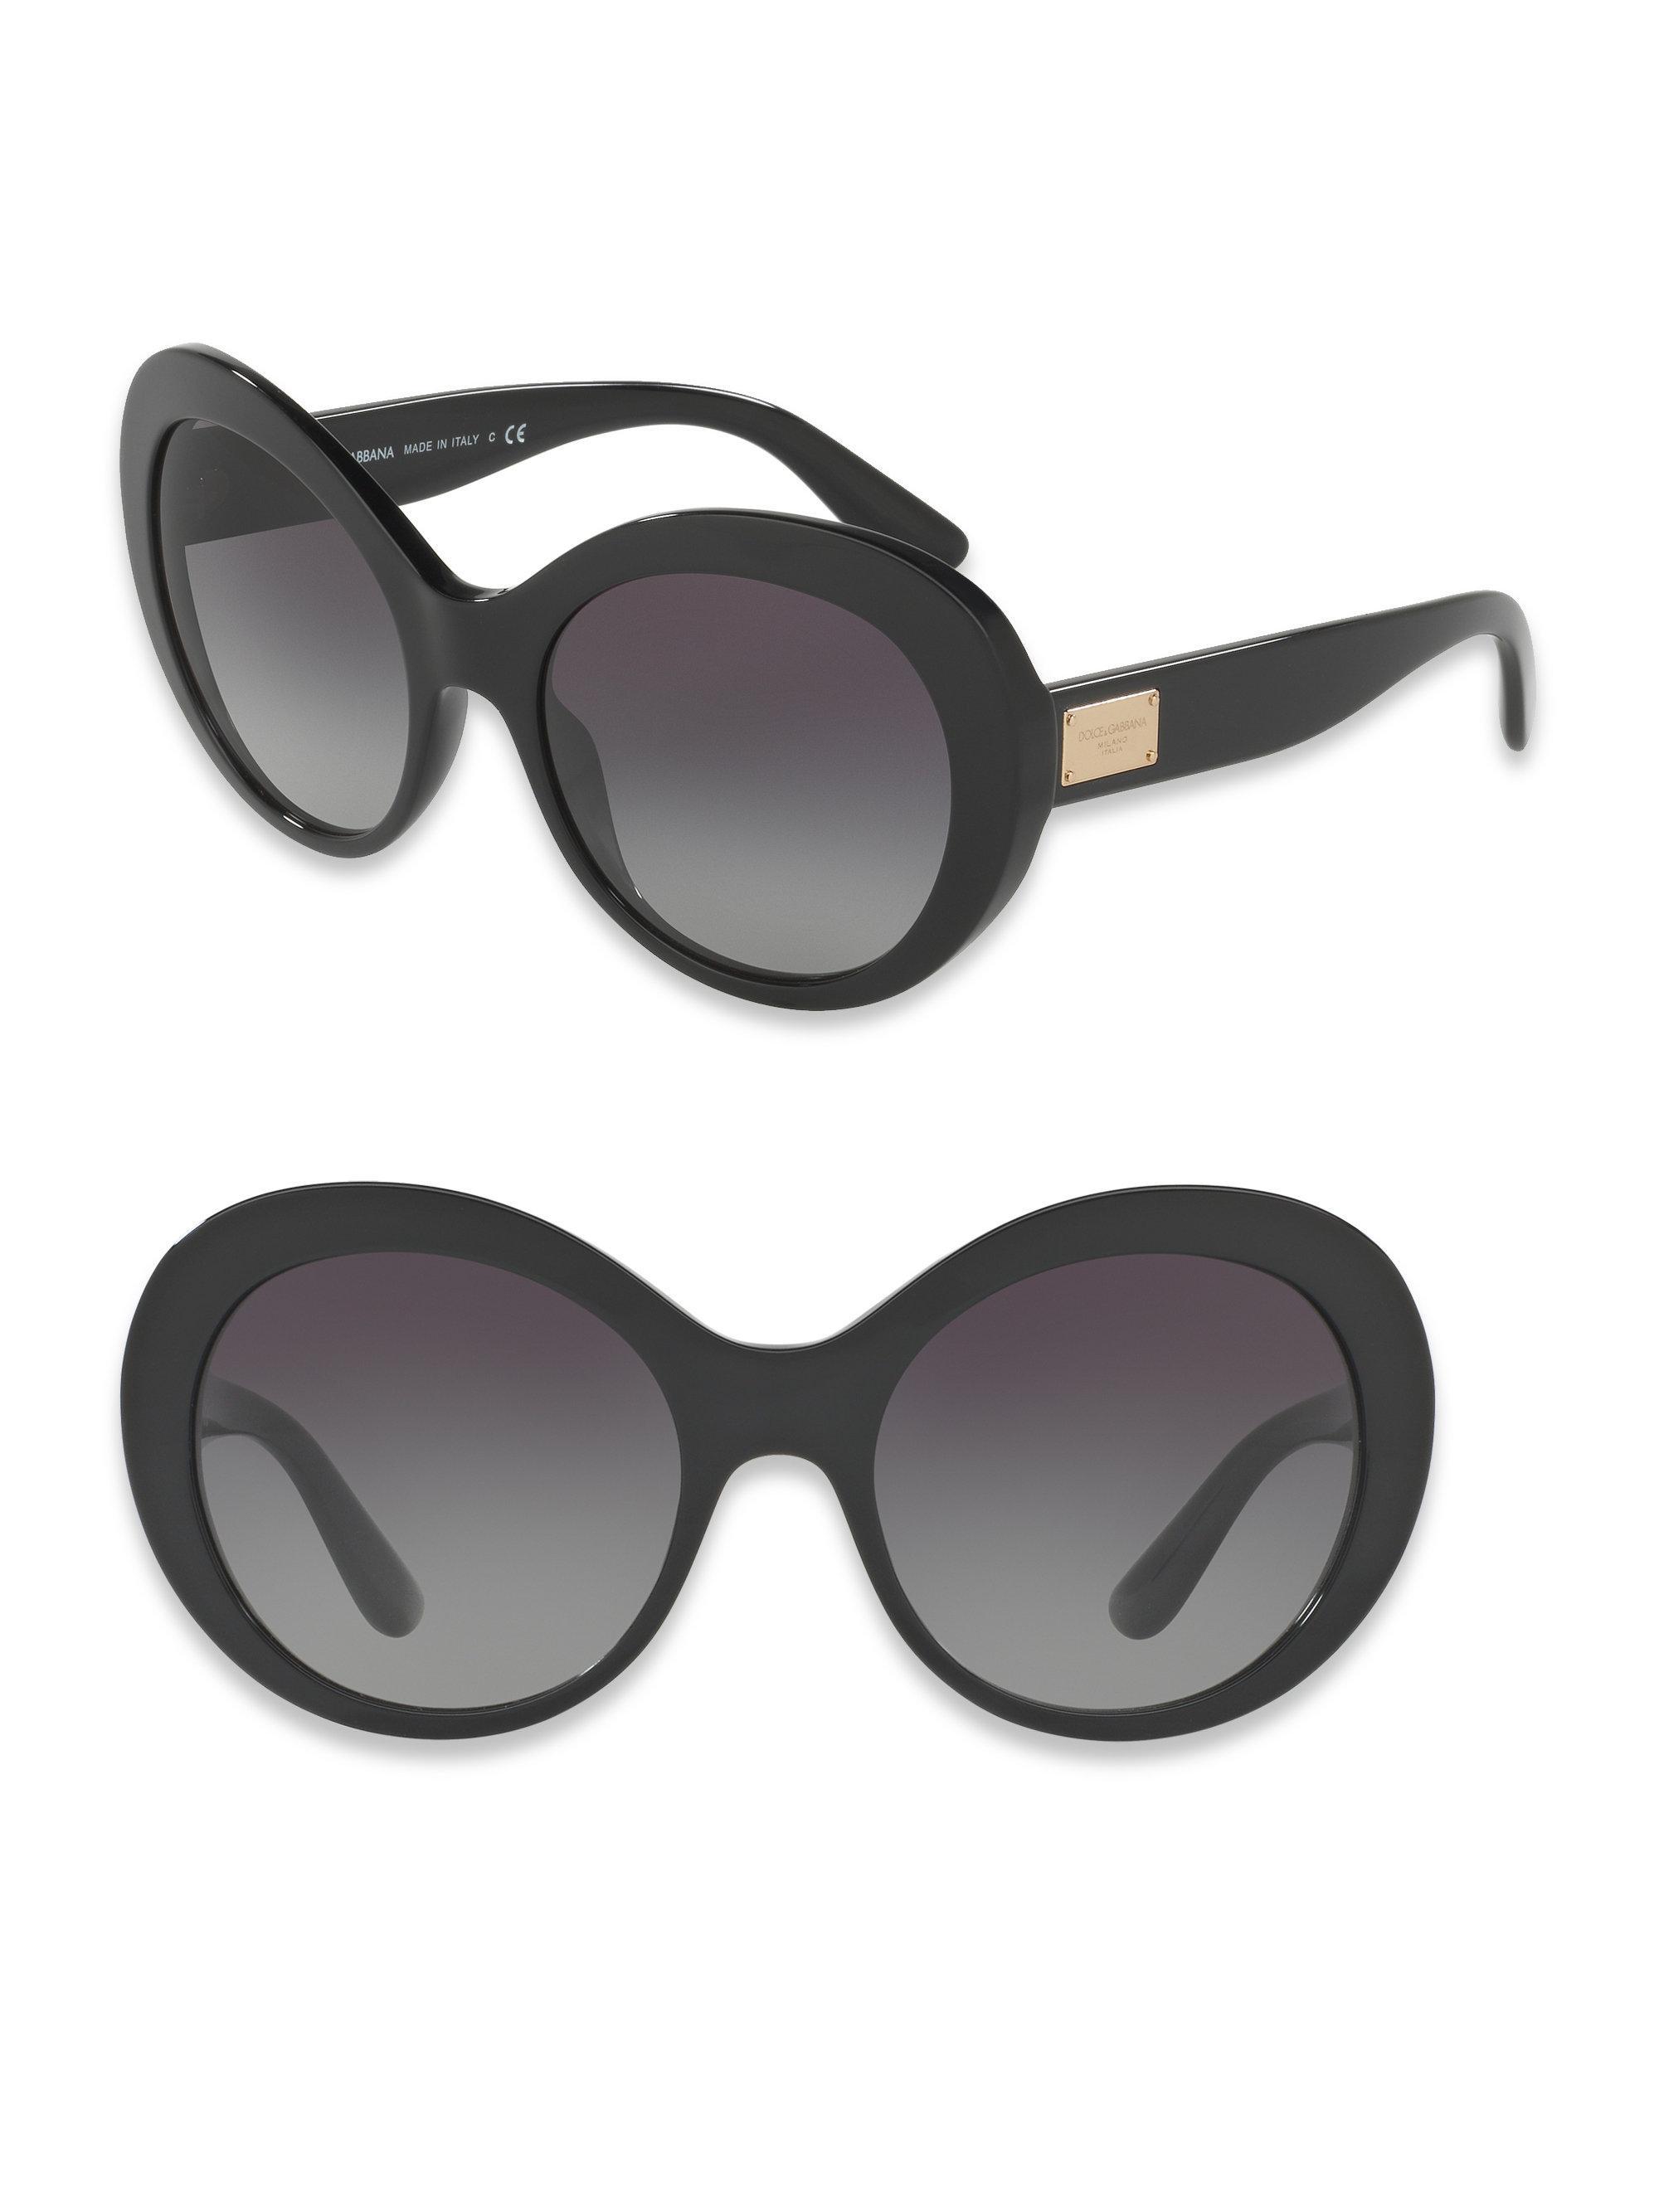 21f9ca738e32 Lyst - Dolce & Gabbana 57mm Leopard-print Oval Sunglasses in Black